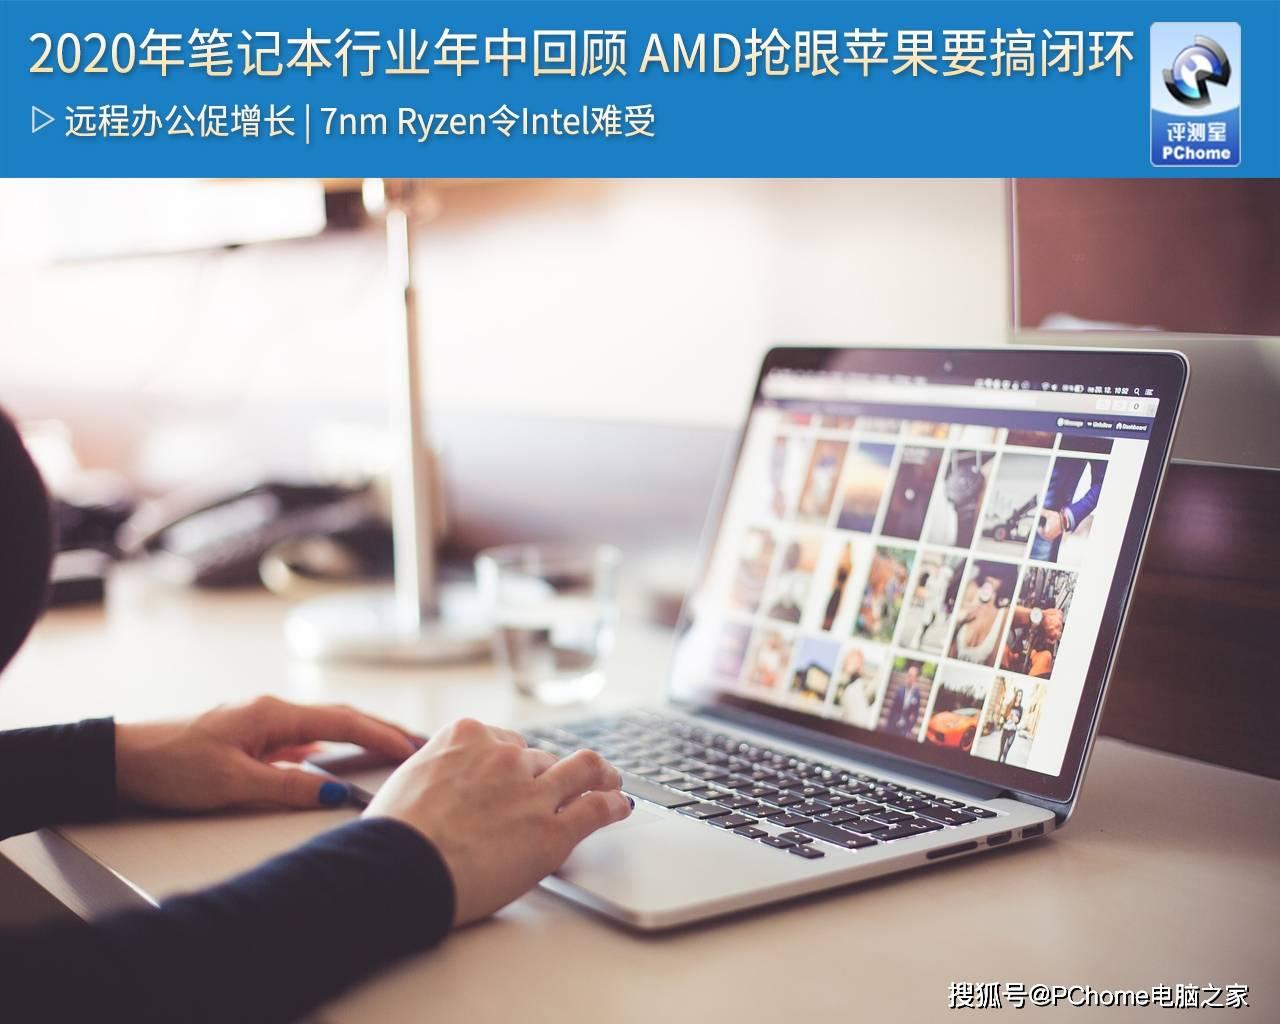 2020年笔记本行业年中回顾 AMD抢眼苹果要搞闭环